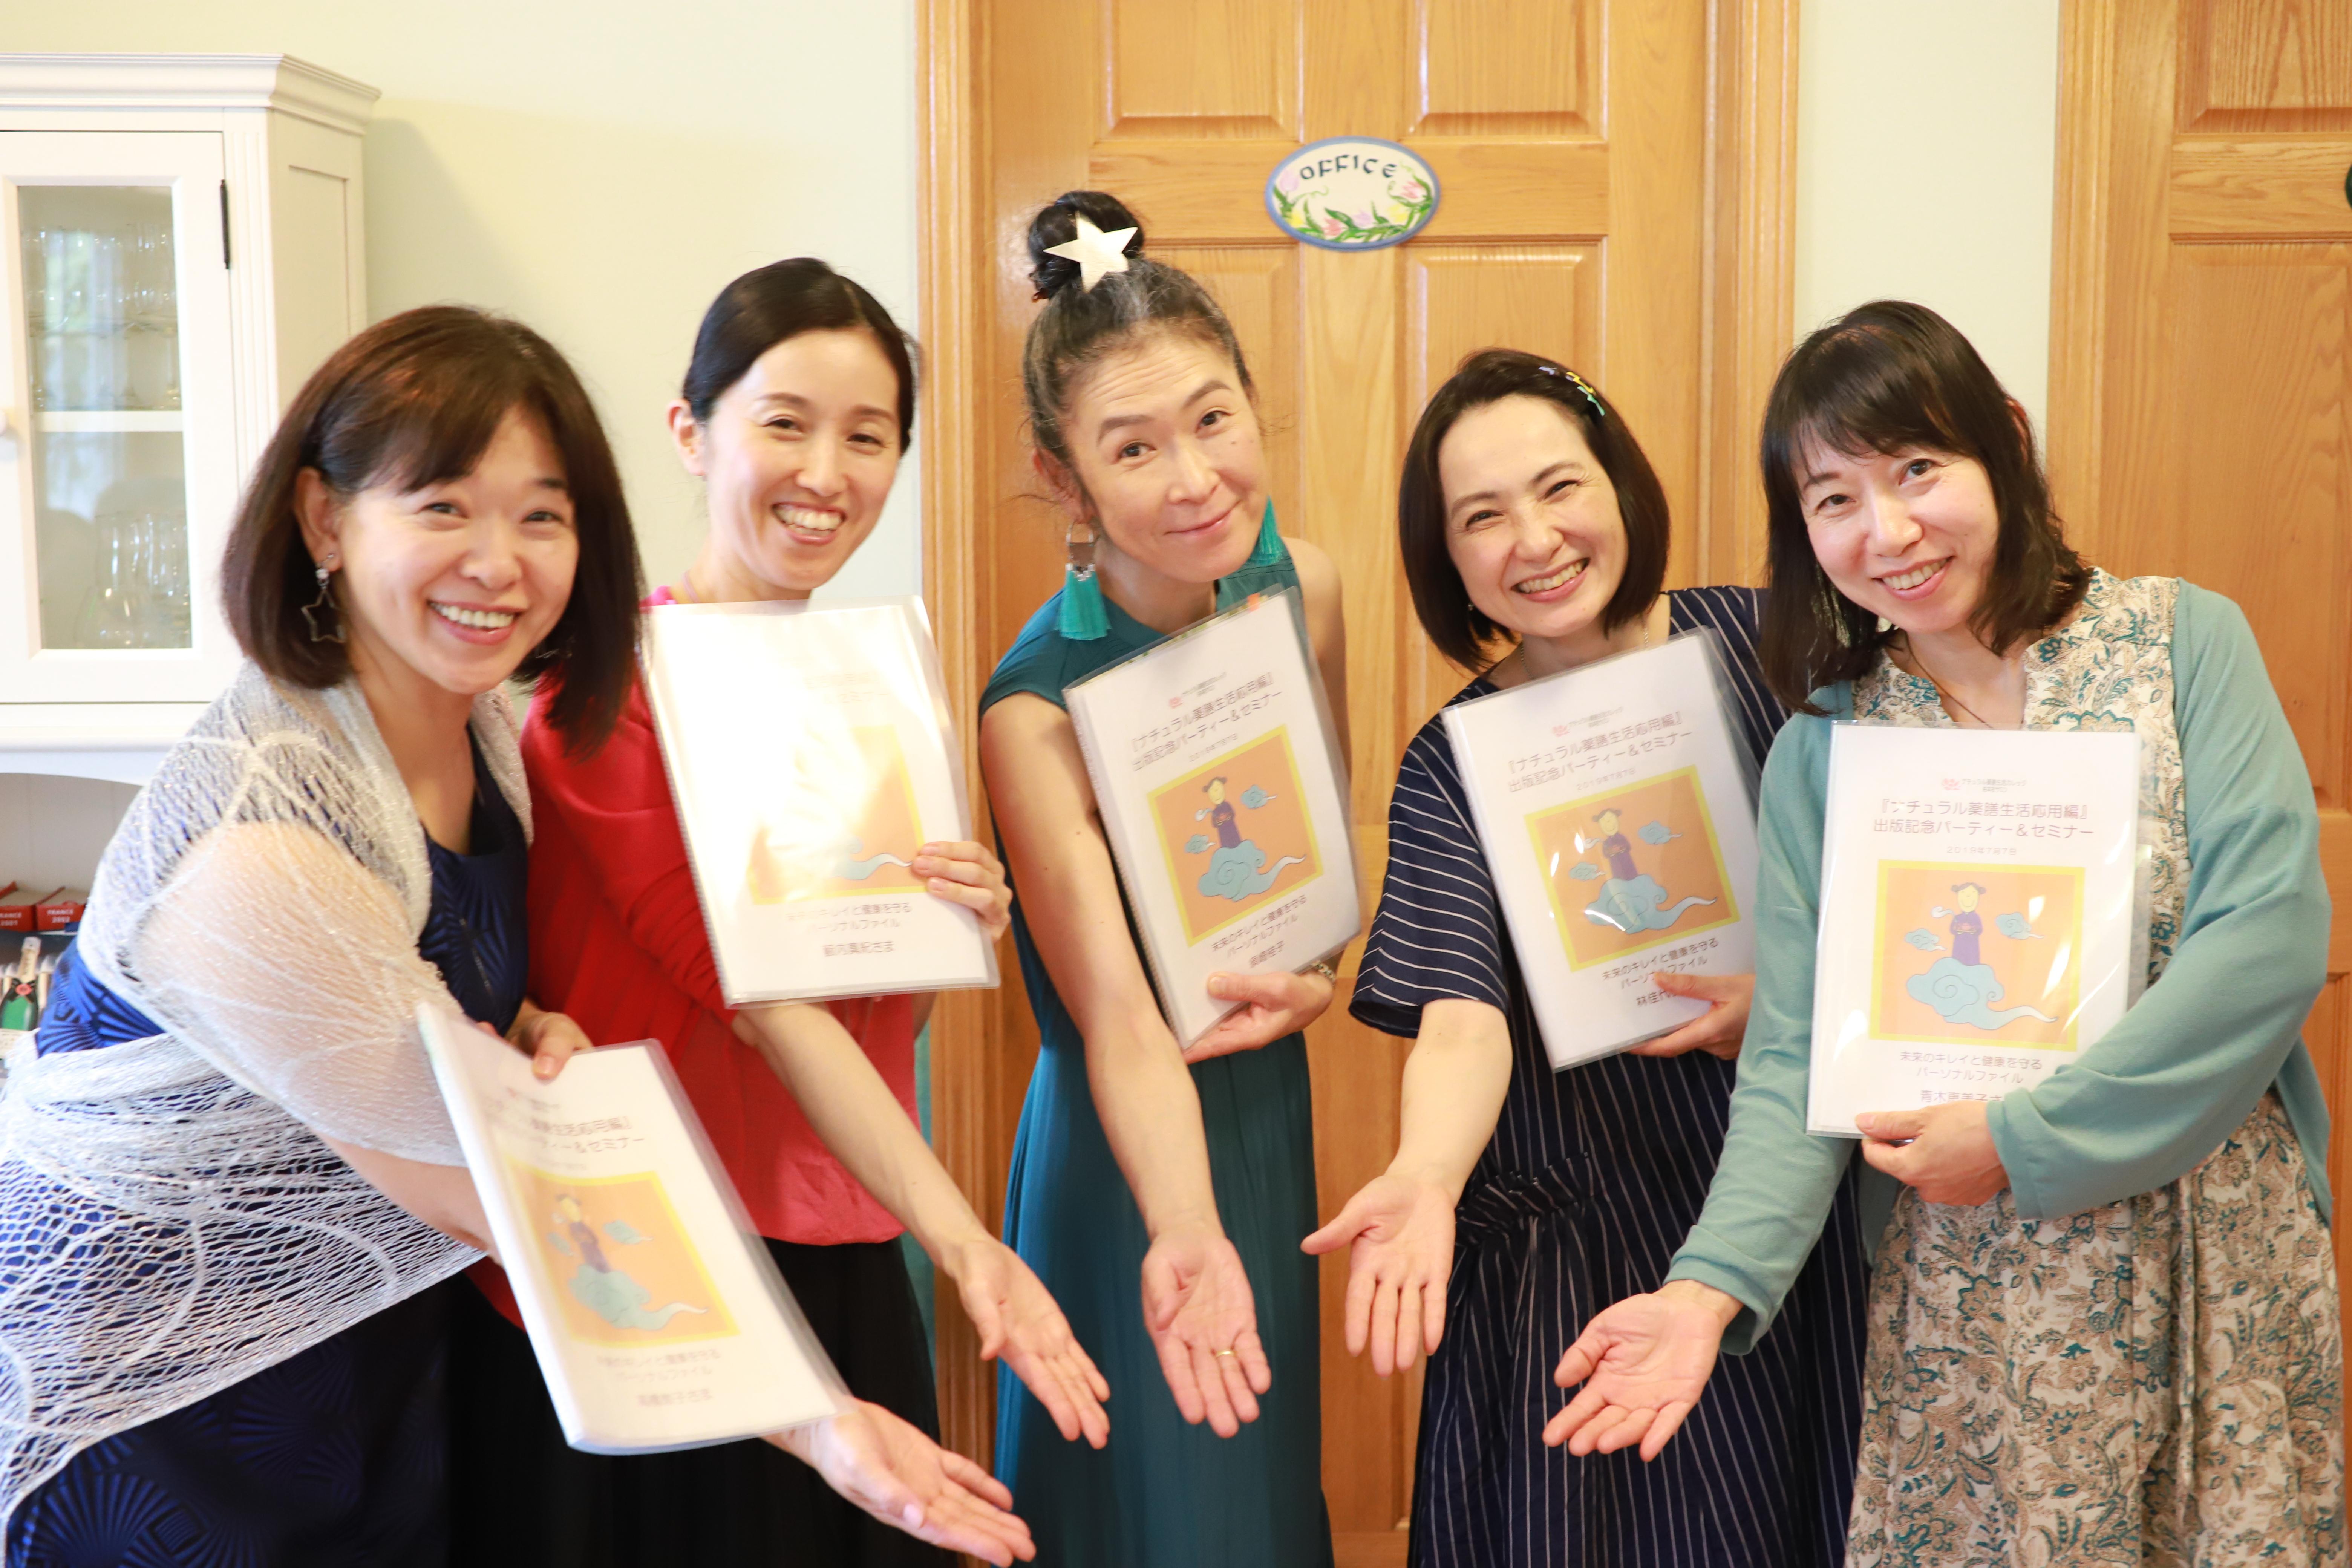 教室経営コンサルタント門下生の仲間達とテキスト出版記念パーティーにて記念撮影